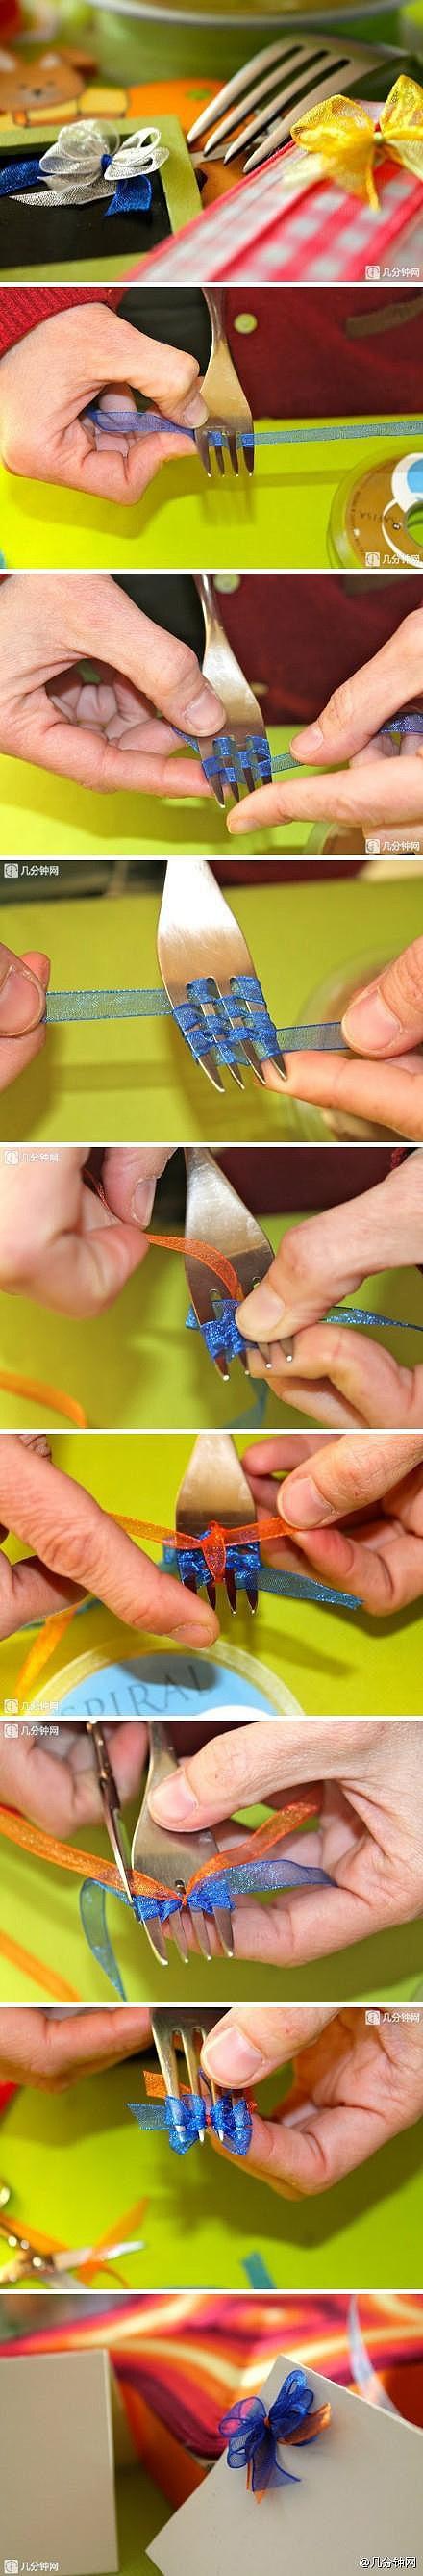 手工DIY 用叉子弄出小蝴蝶结